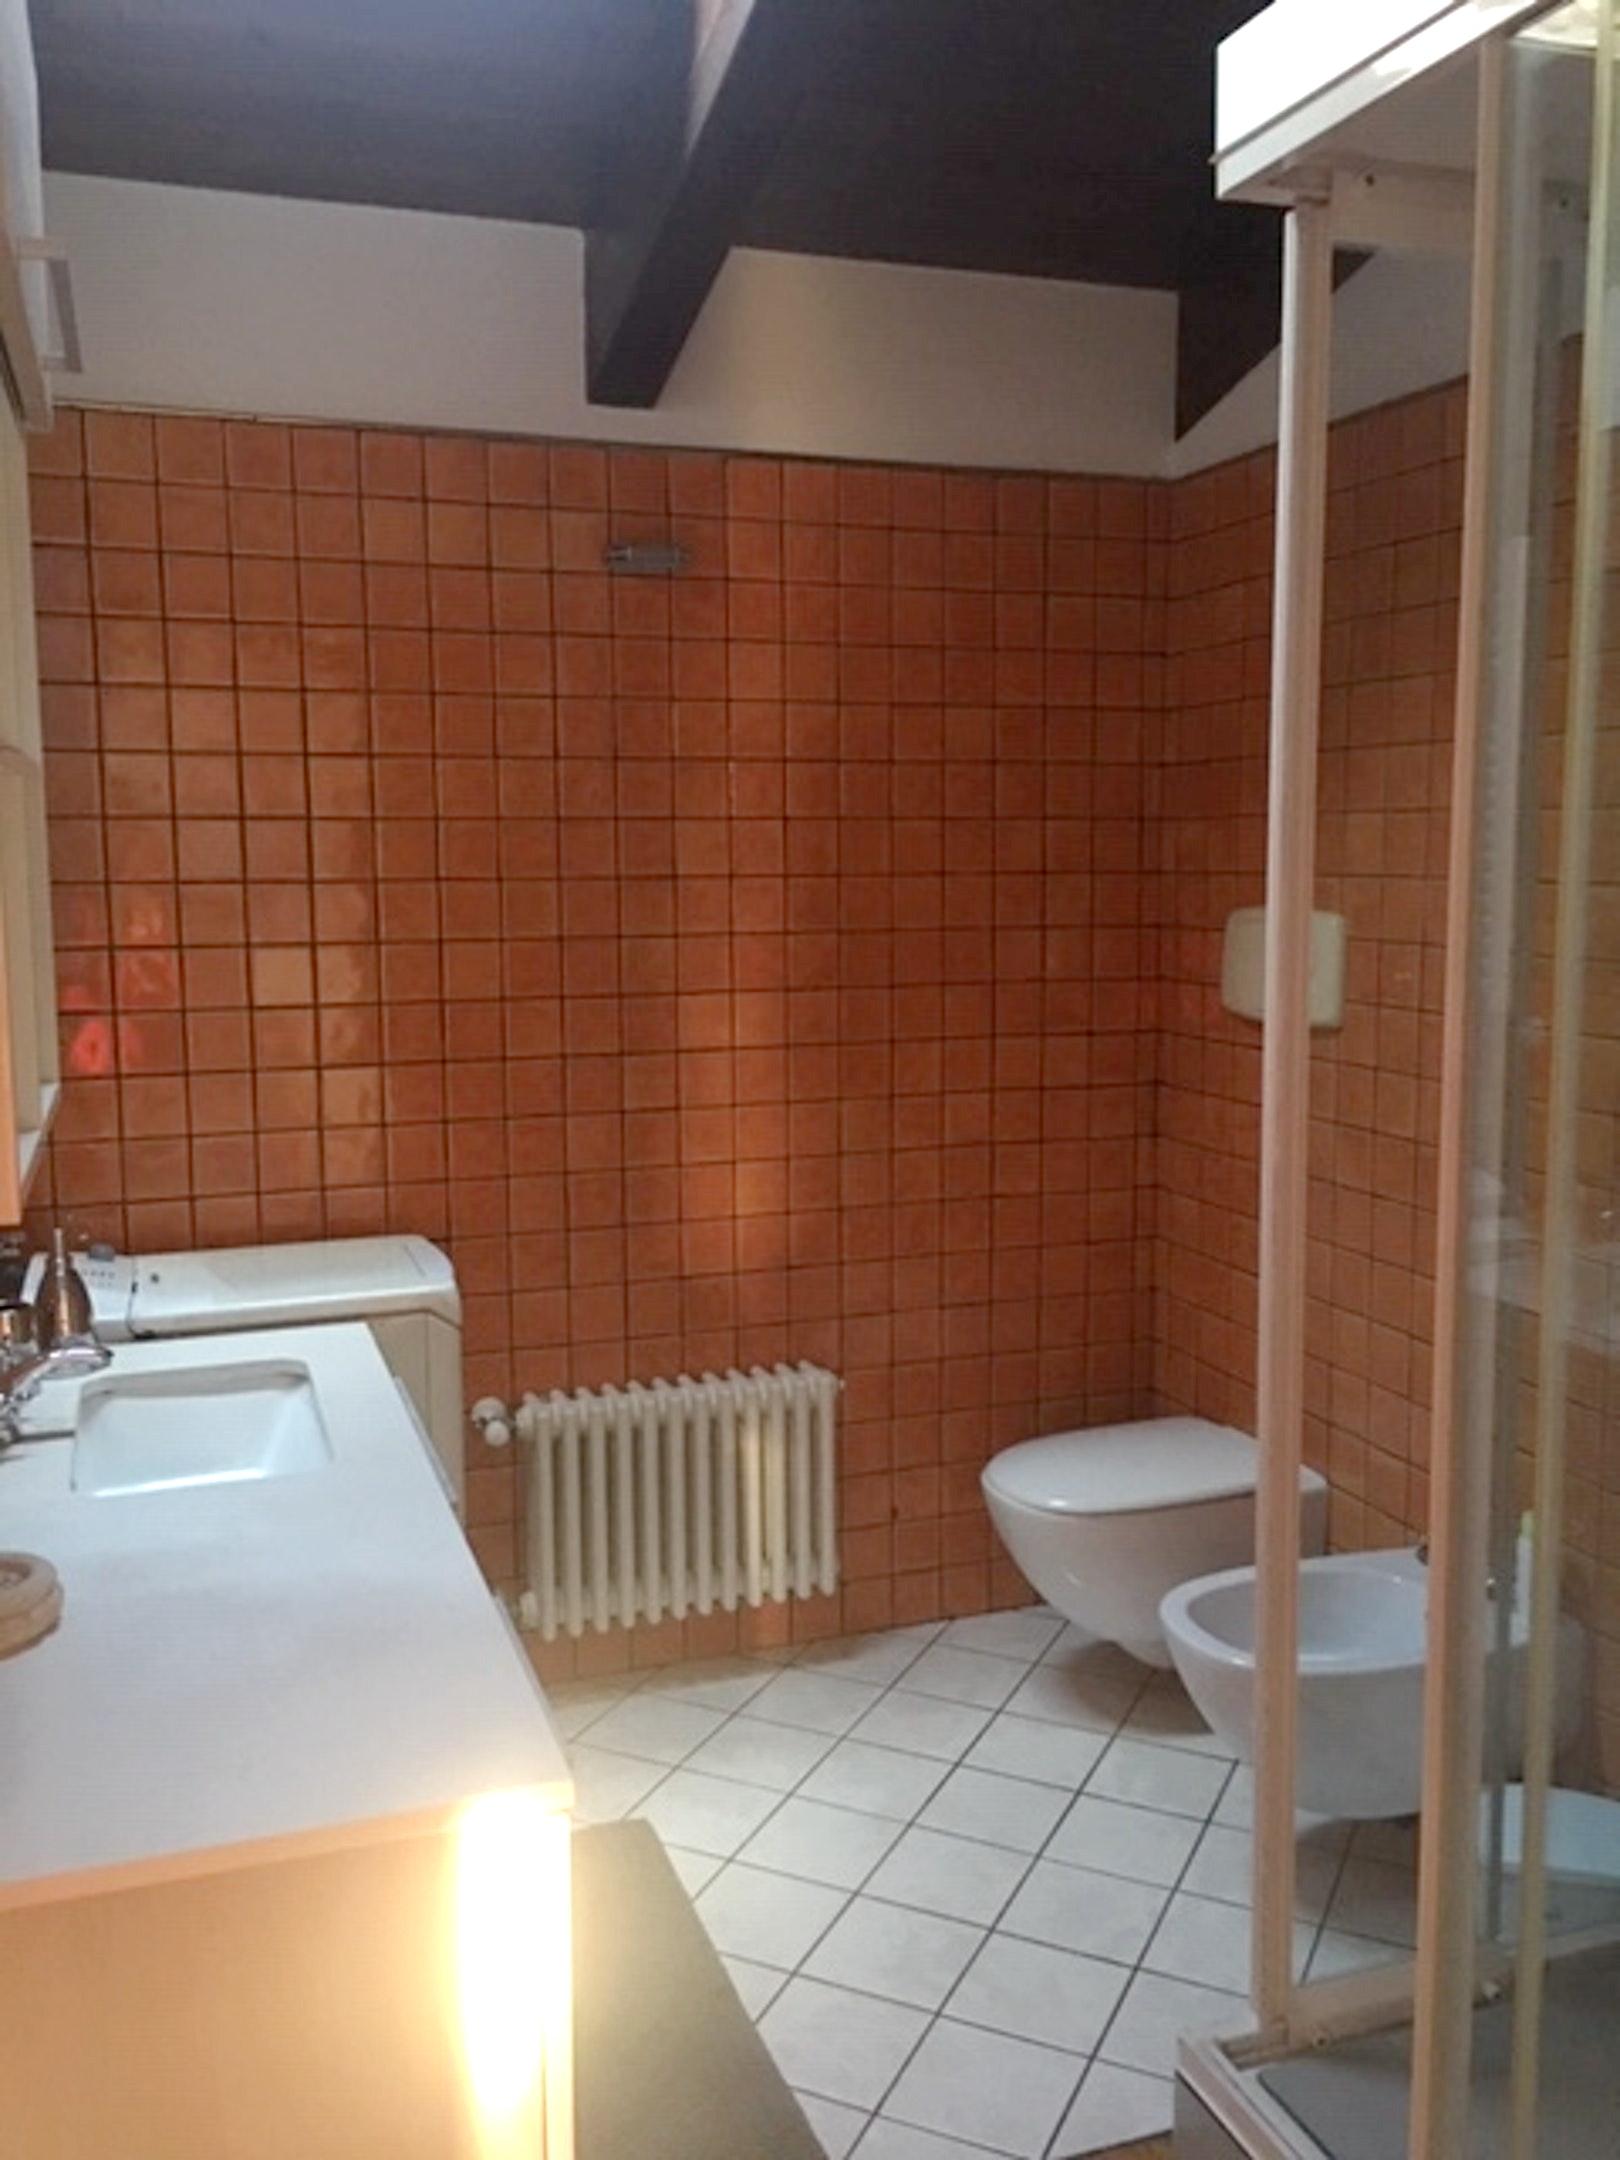 Ferienhaus Haus mit 2 Schlafzimmern in Salerno mit möblierter Terrasse und W-LAN (2644279), Salerno, Salerno, Kampanien, Italien, Bild 30